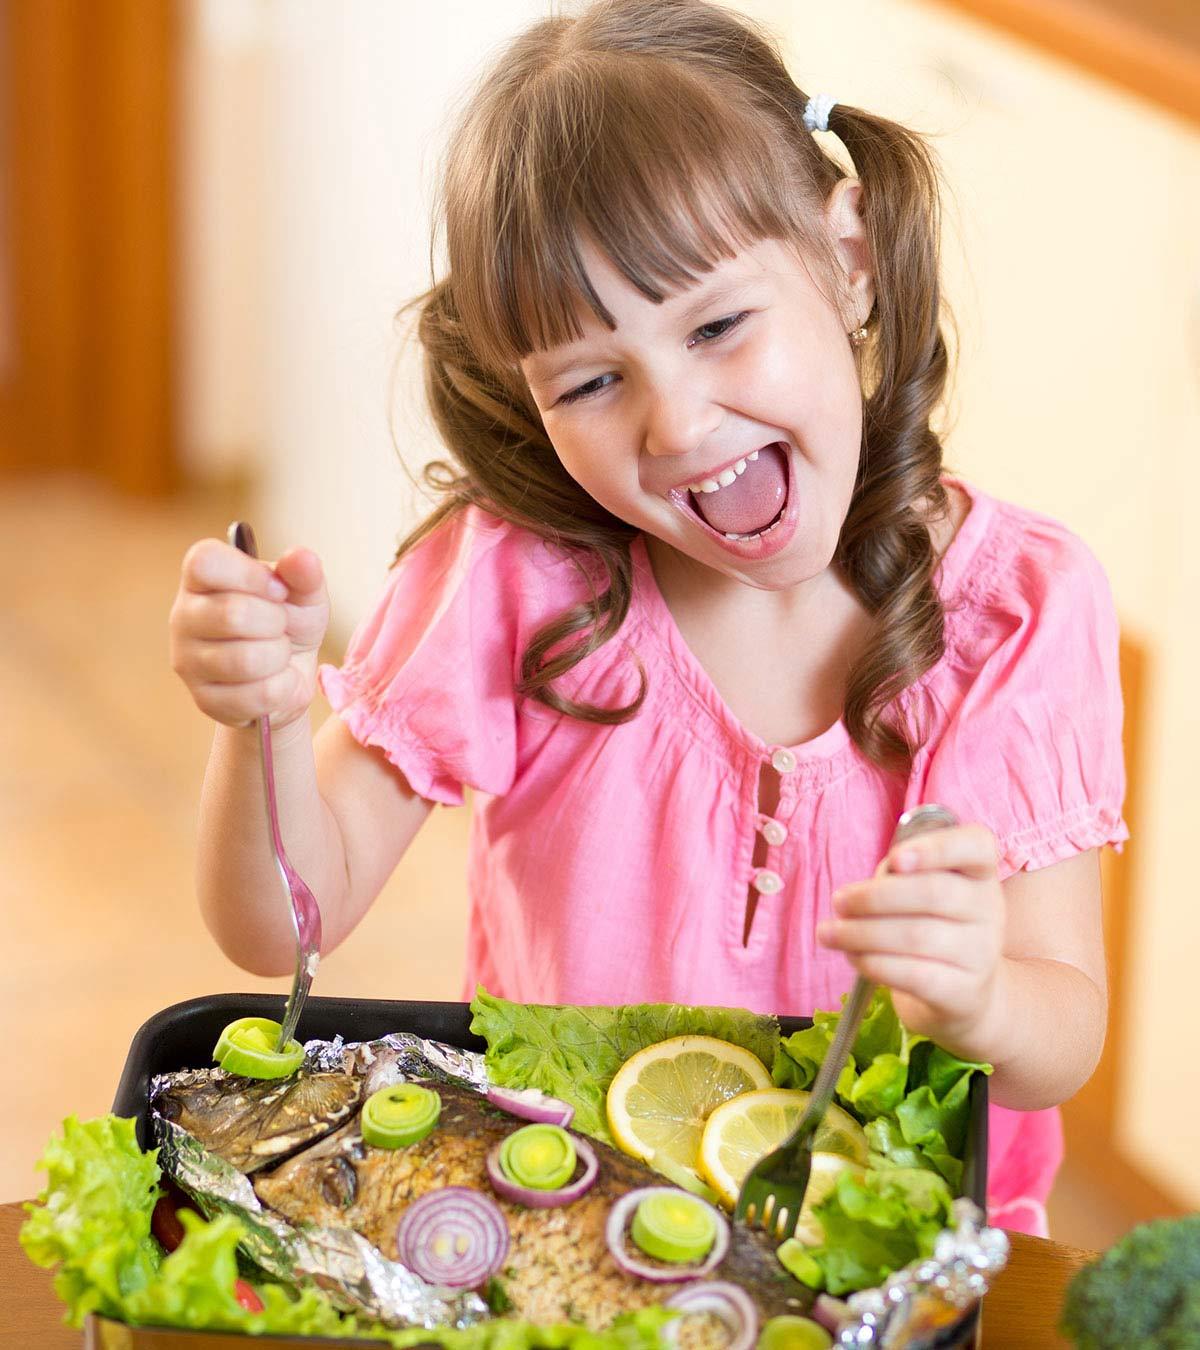 فوائد الاوميجا 3 للاطفال